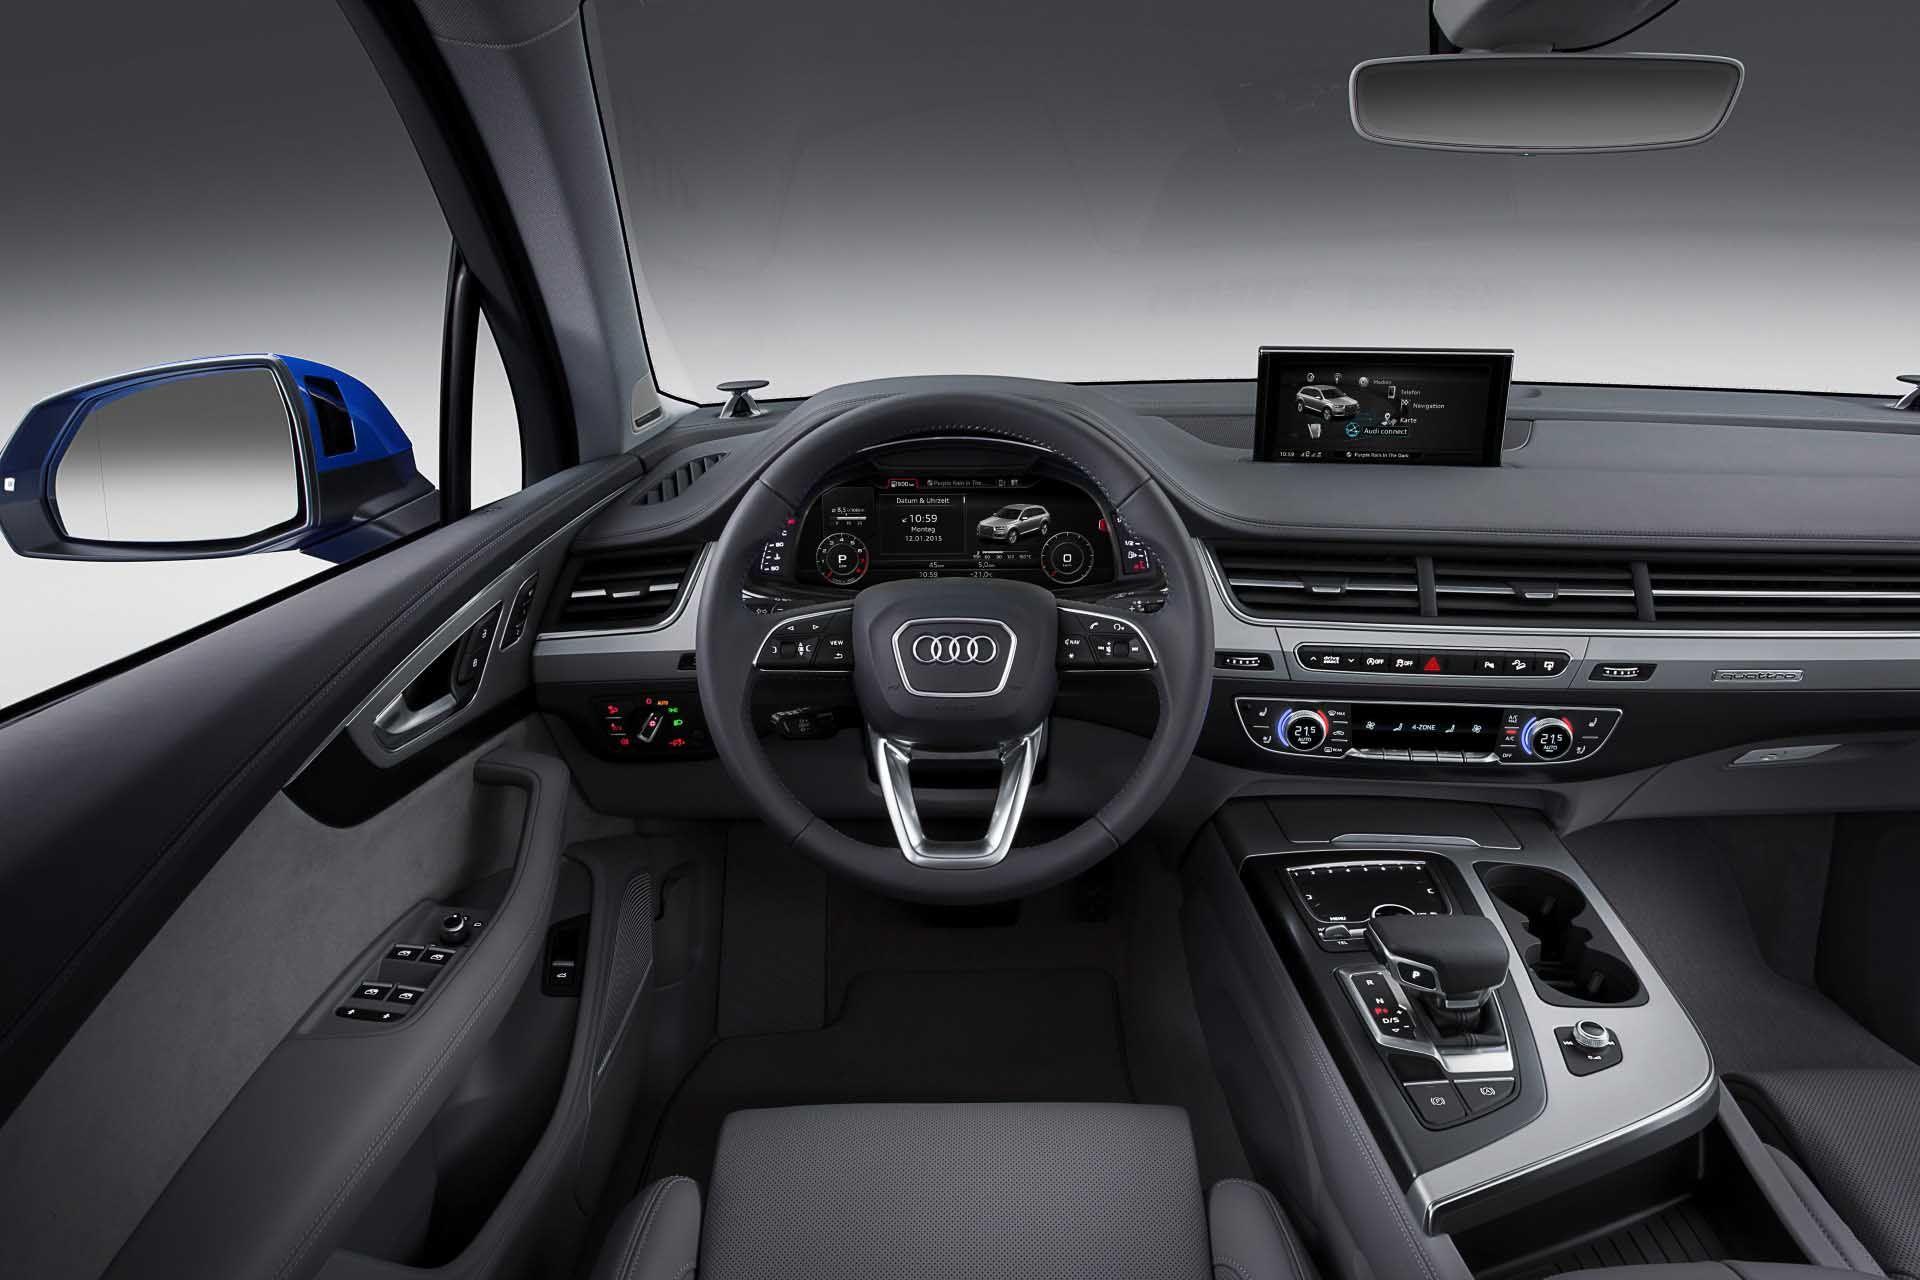 10 Beautiful Audi Q7 Interior Design Pics | Das Auto | Pinterest ...